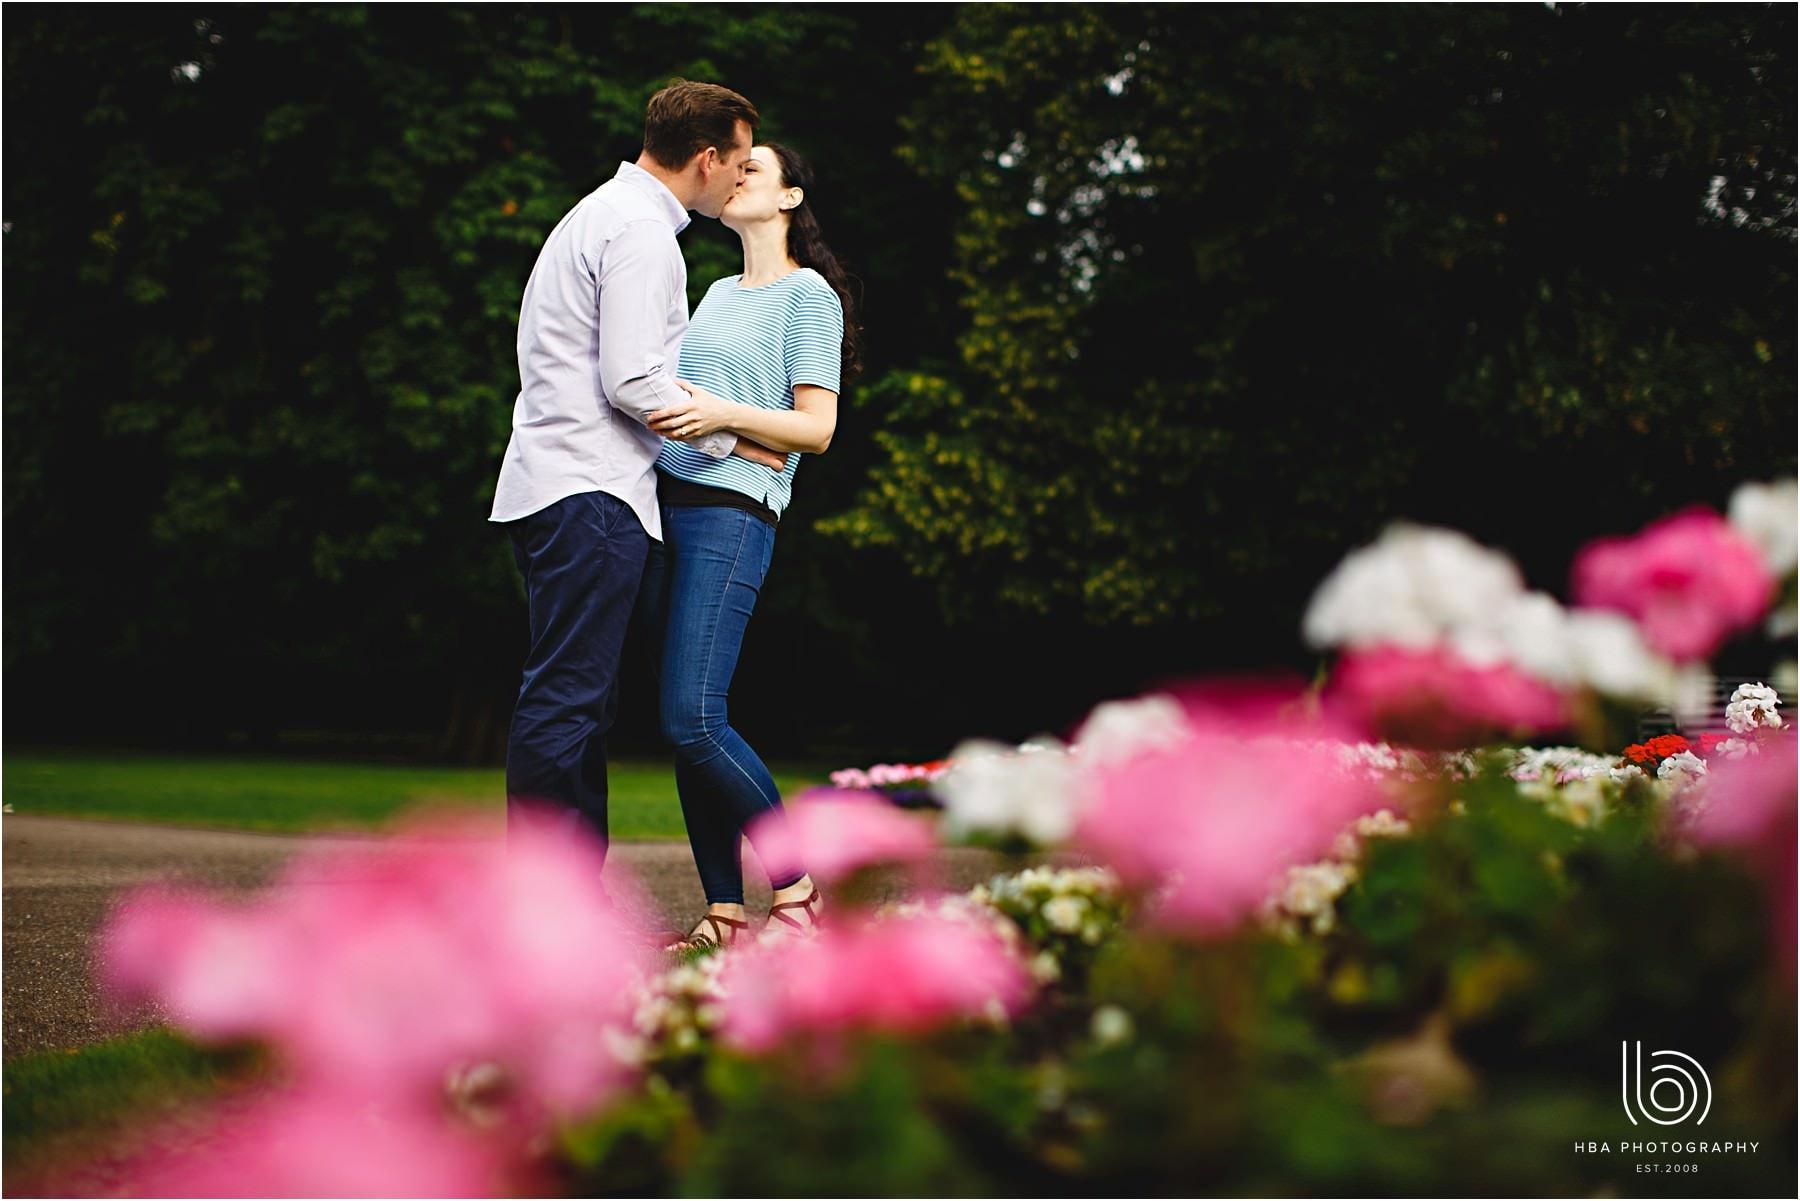 Lichfield_engagement_wedding_photos_0003